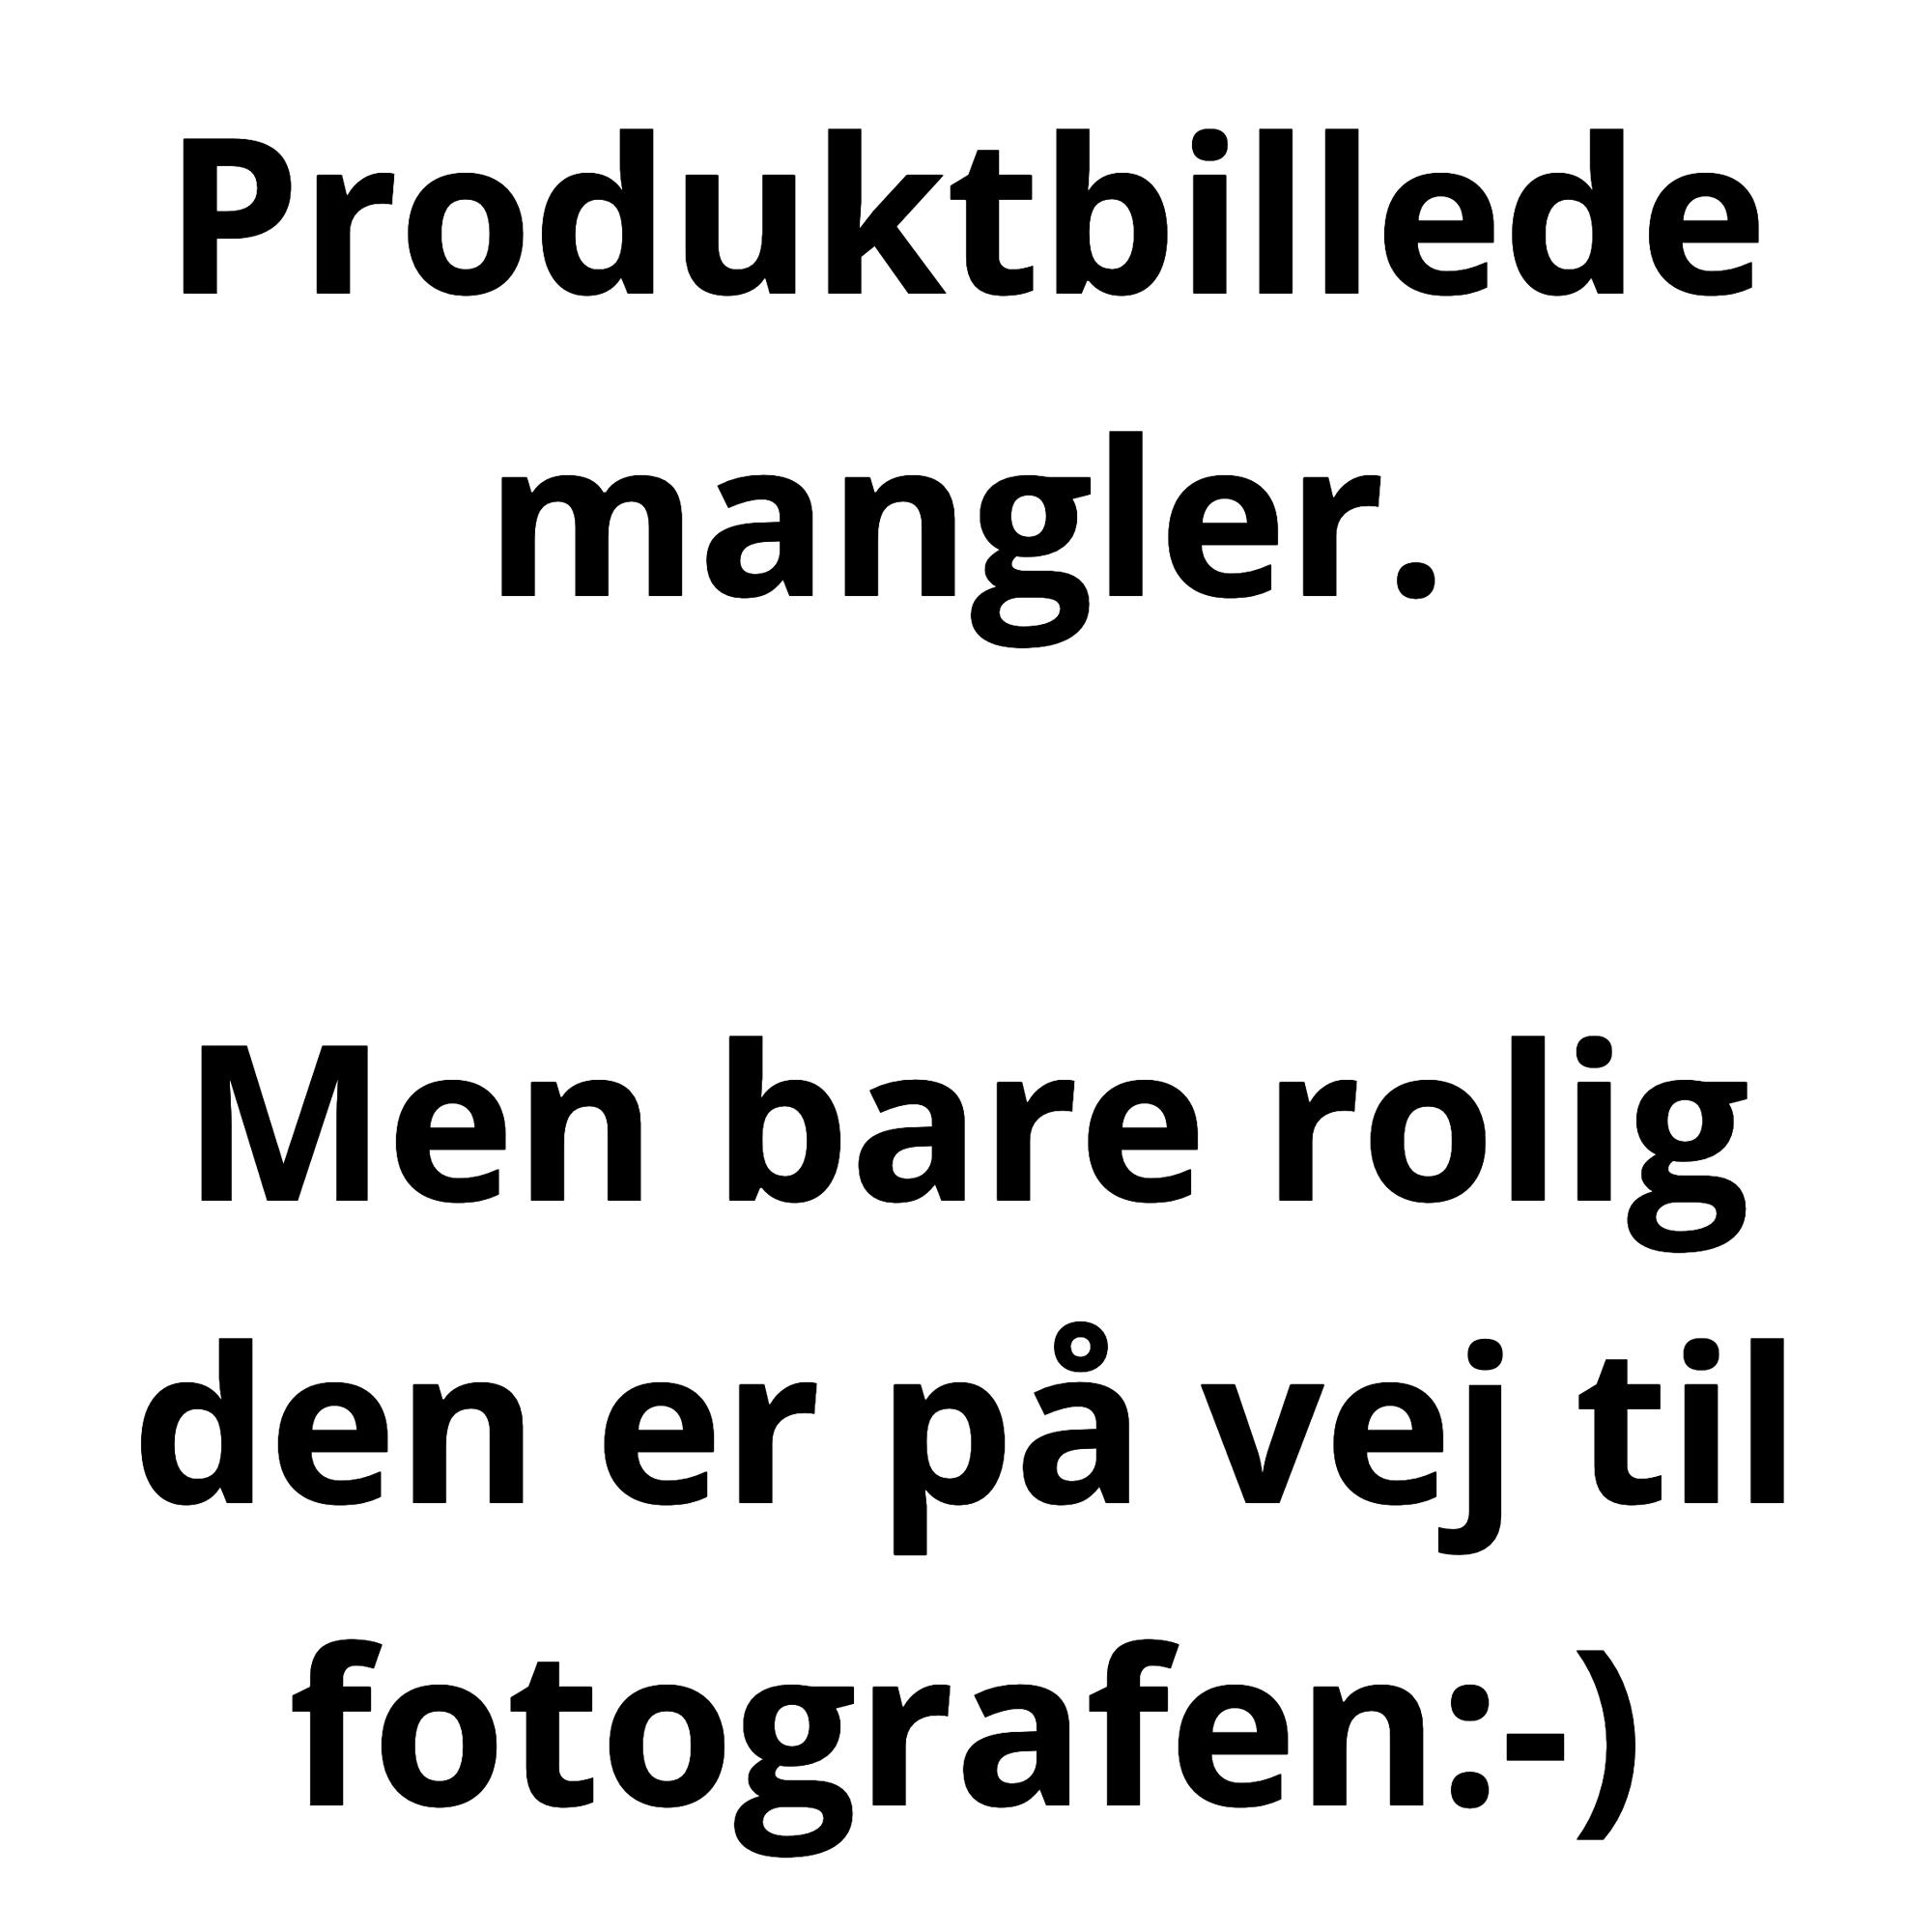 Fix2Car Faststrøms Mobilholder til Apple iPhone 5/5S/5C m. el. u. Beskyttelsescover- 60251